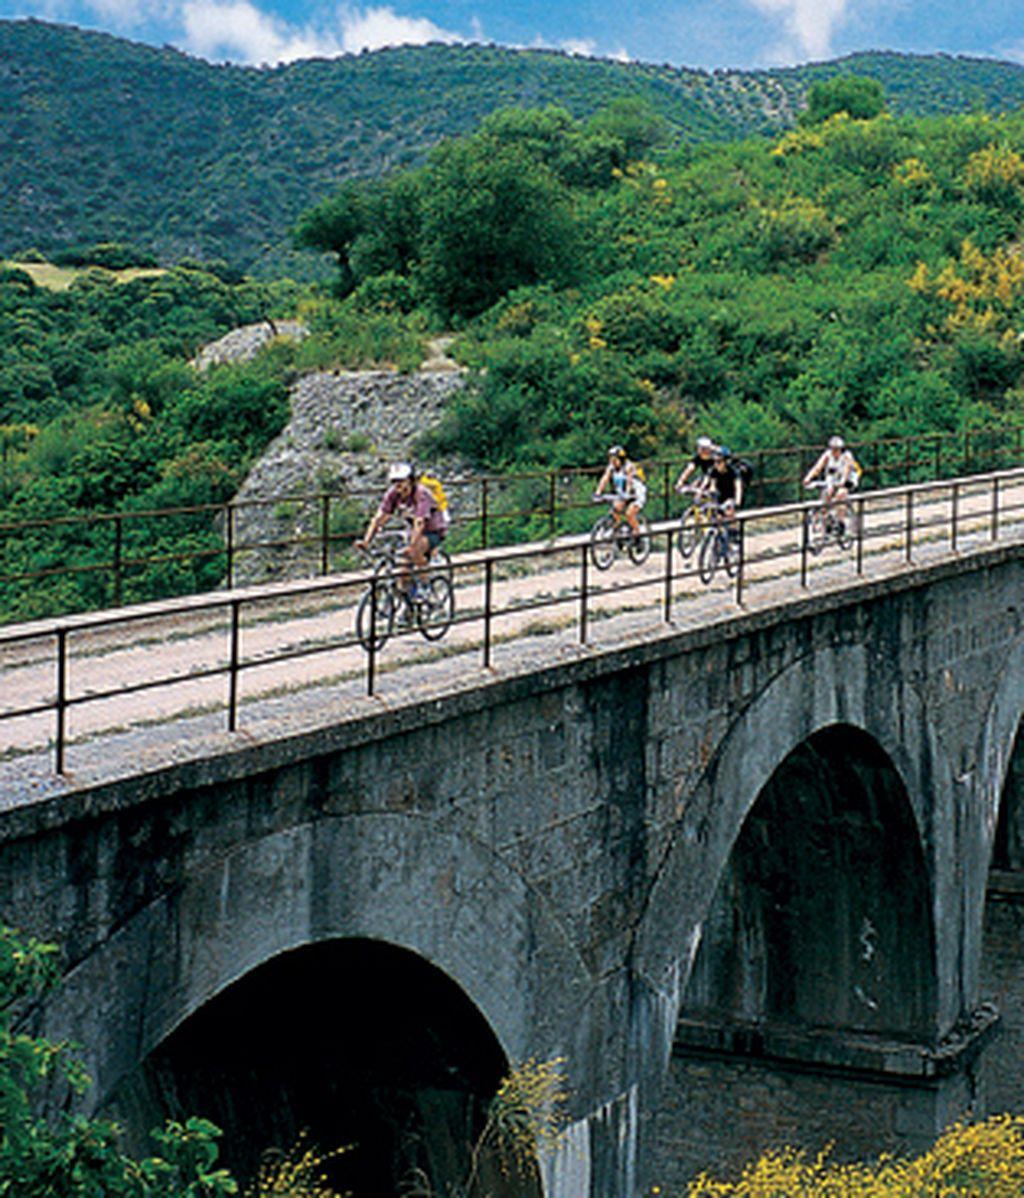 viaducto-portada_MDSIMA20130709_0199_1 (1)